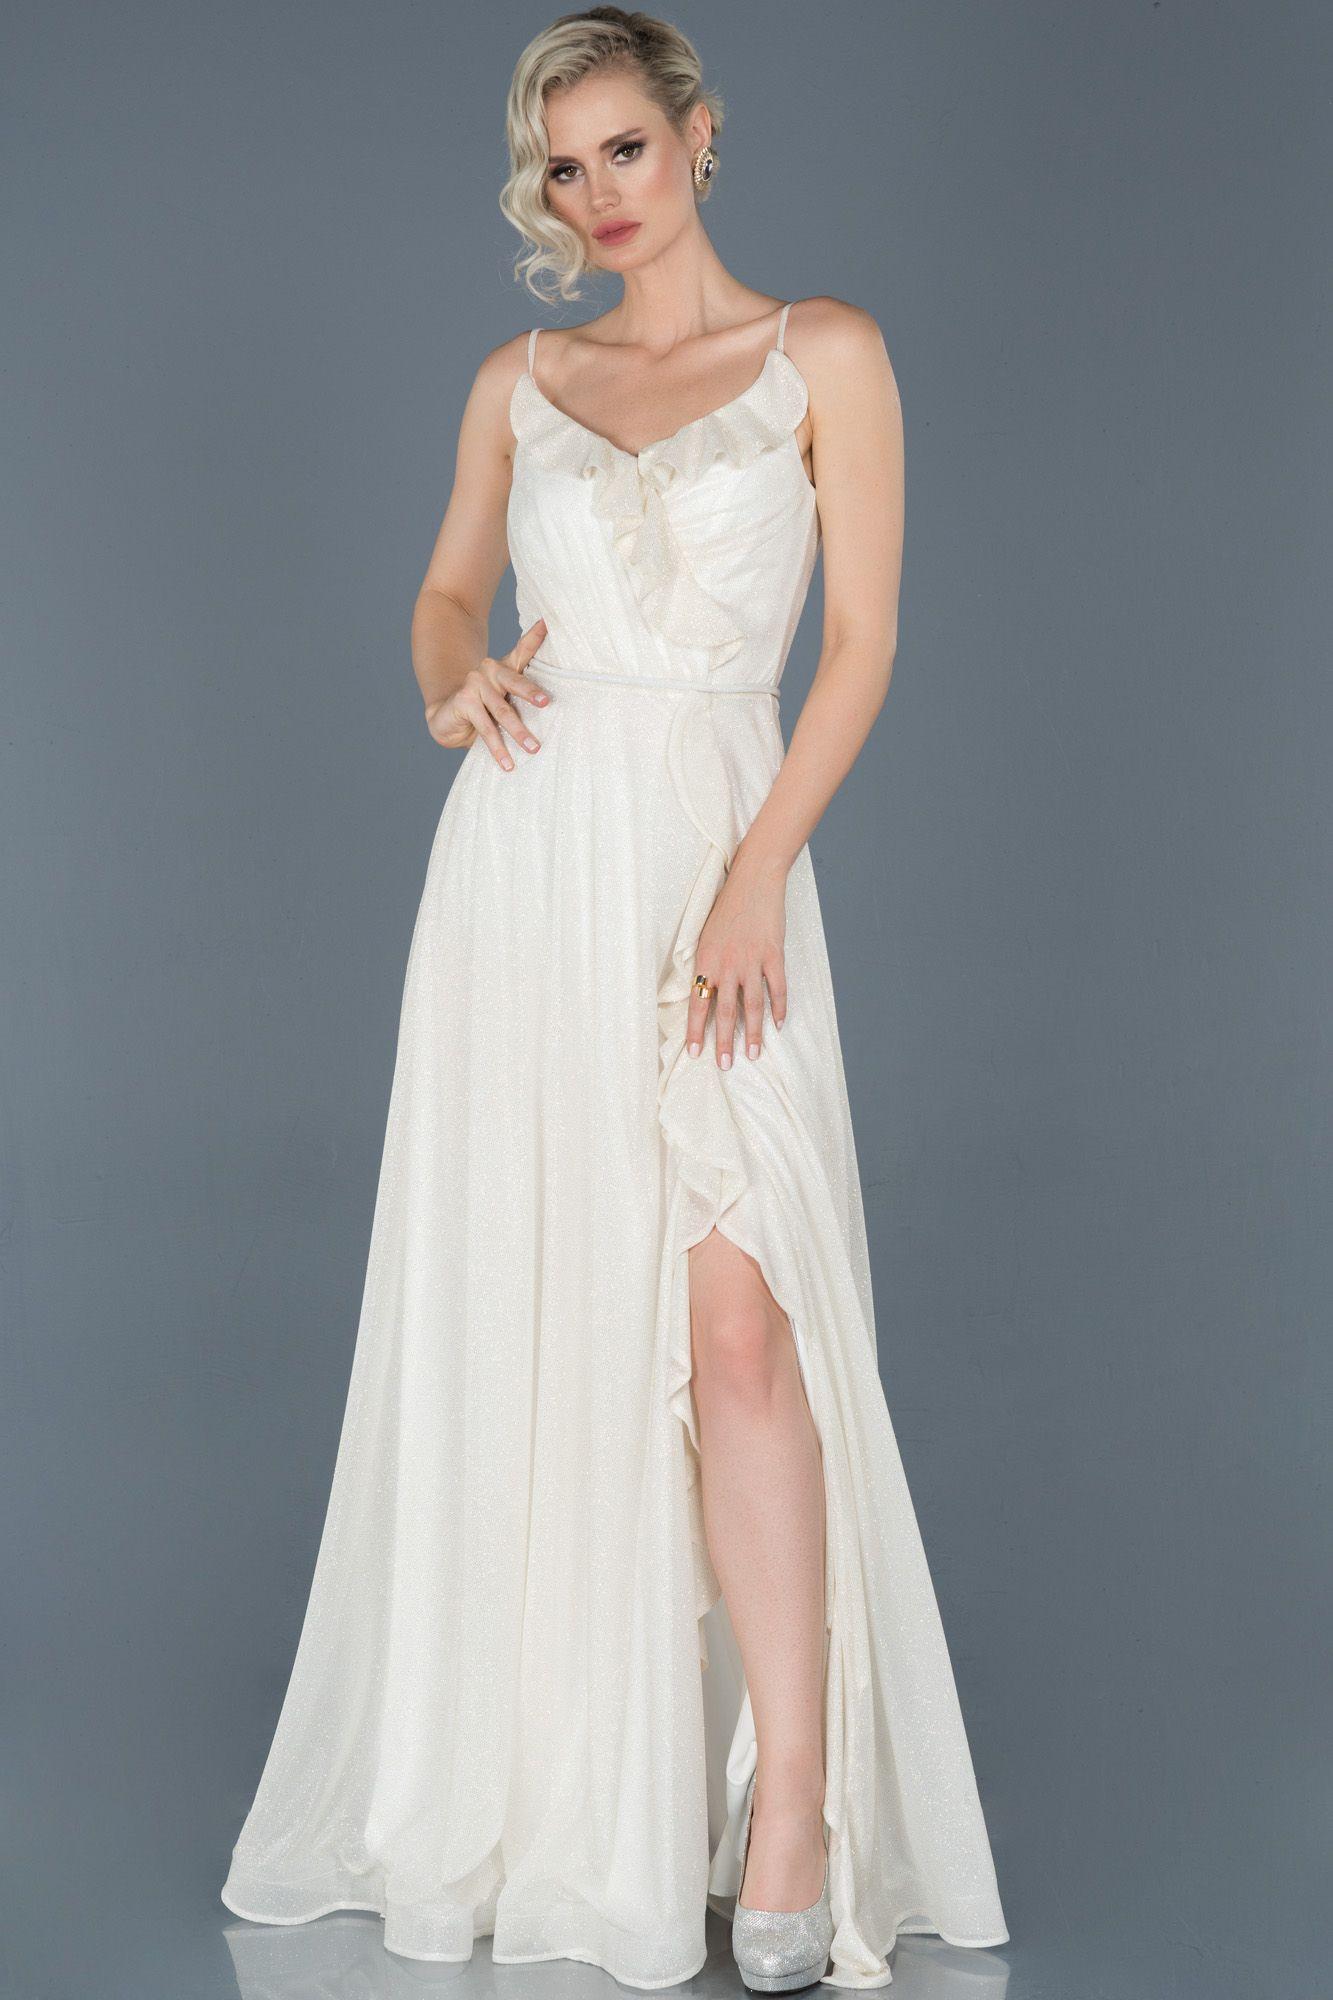 Ekru Uzun Bacak Dekolteli Simli Nisan Elbisesi Abu888 2020 The Dress Gelin Elbisesi Elbise Modelleri